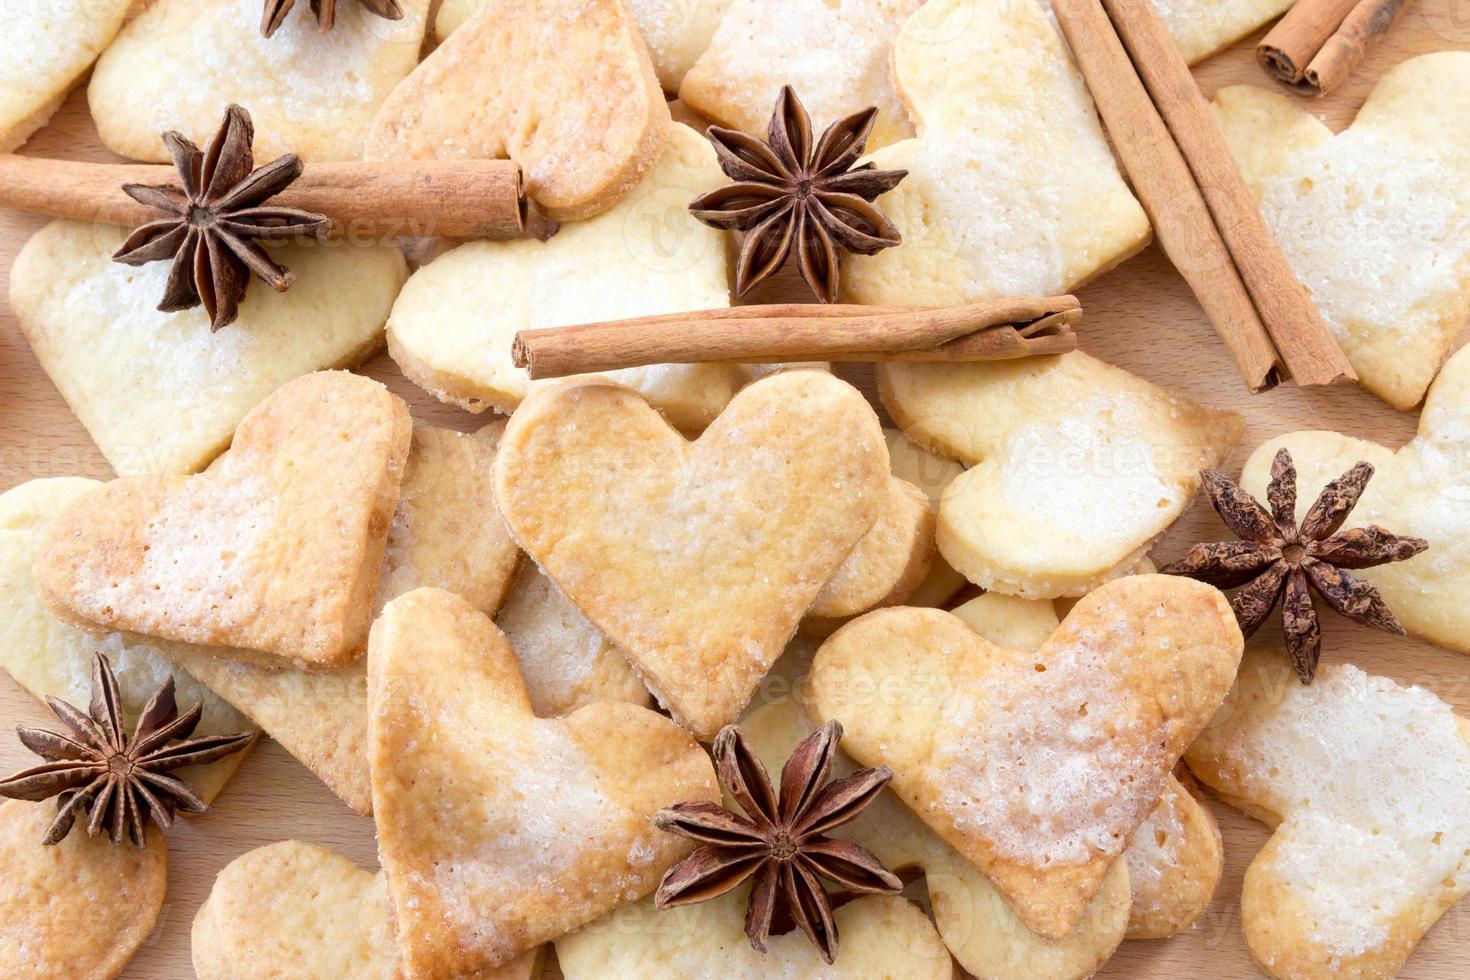 galletas de azúcar en forma de corazón dulce foto